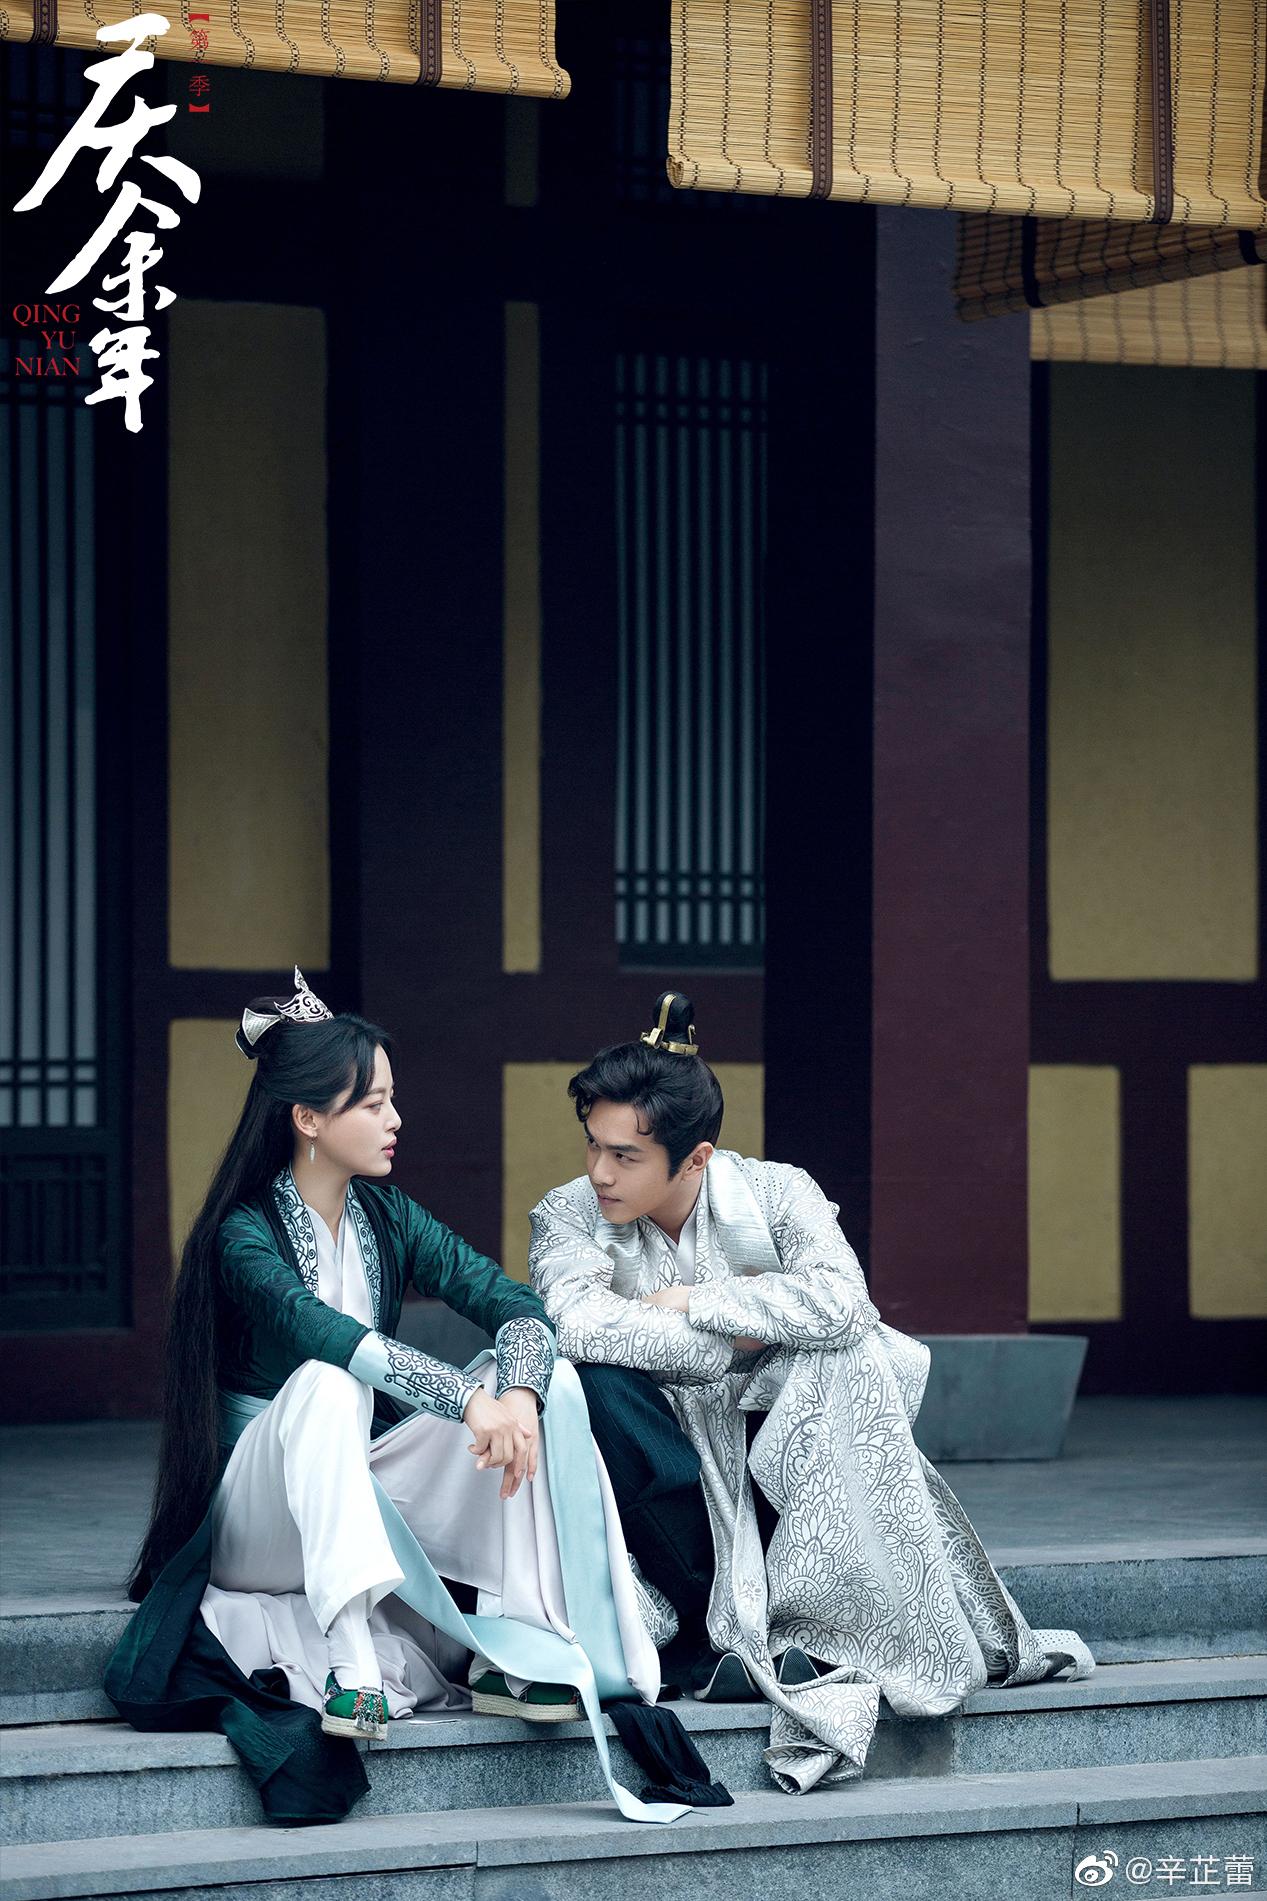 雖然范閑在劇集版改編至甚為專一,但與辛芷蕾飾演的海棠朵朵關係曖昧。